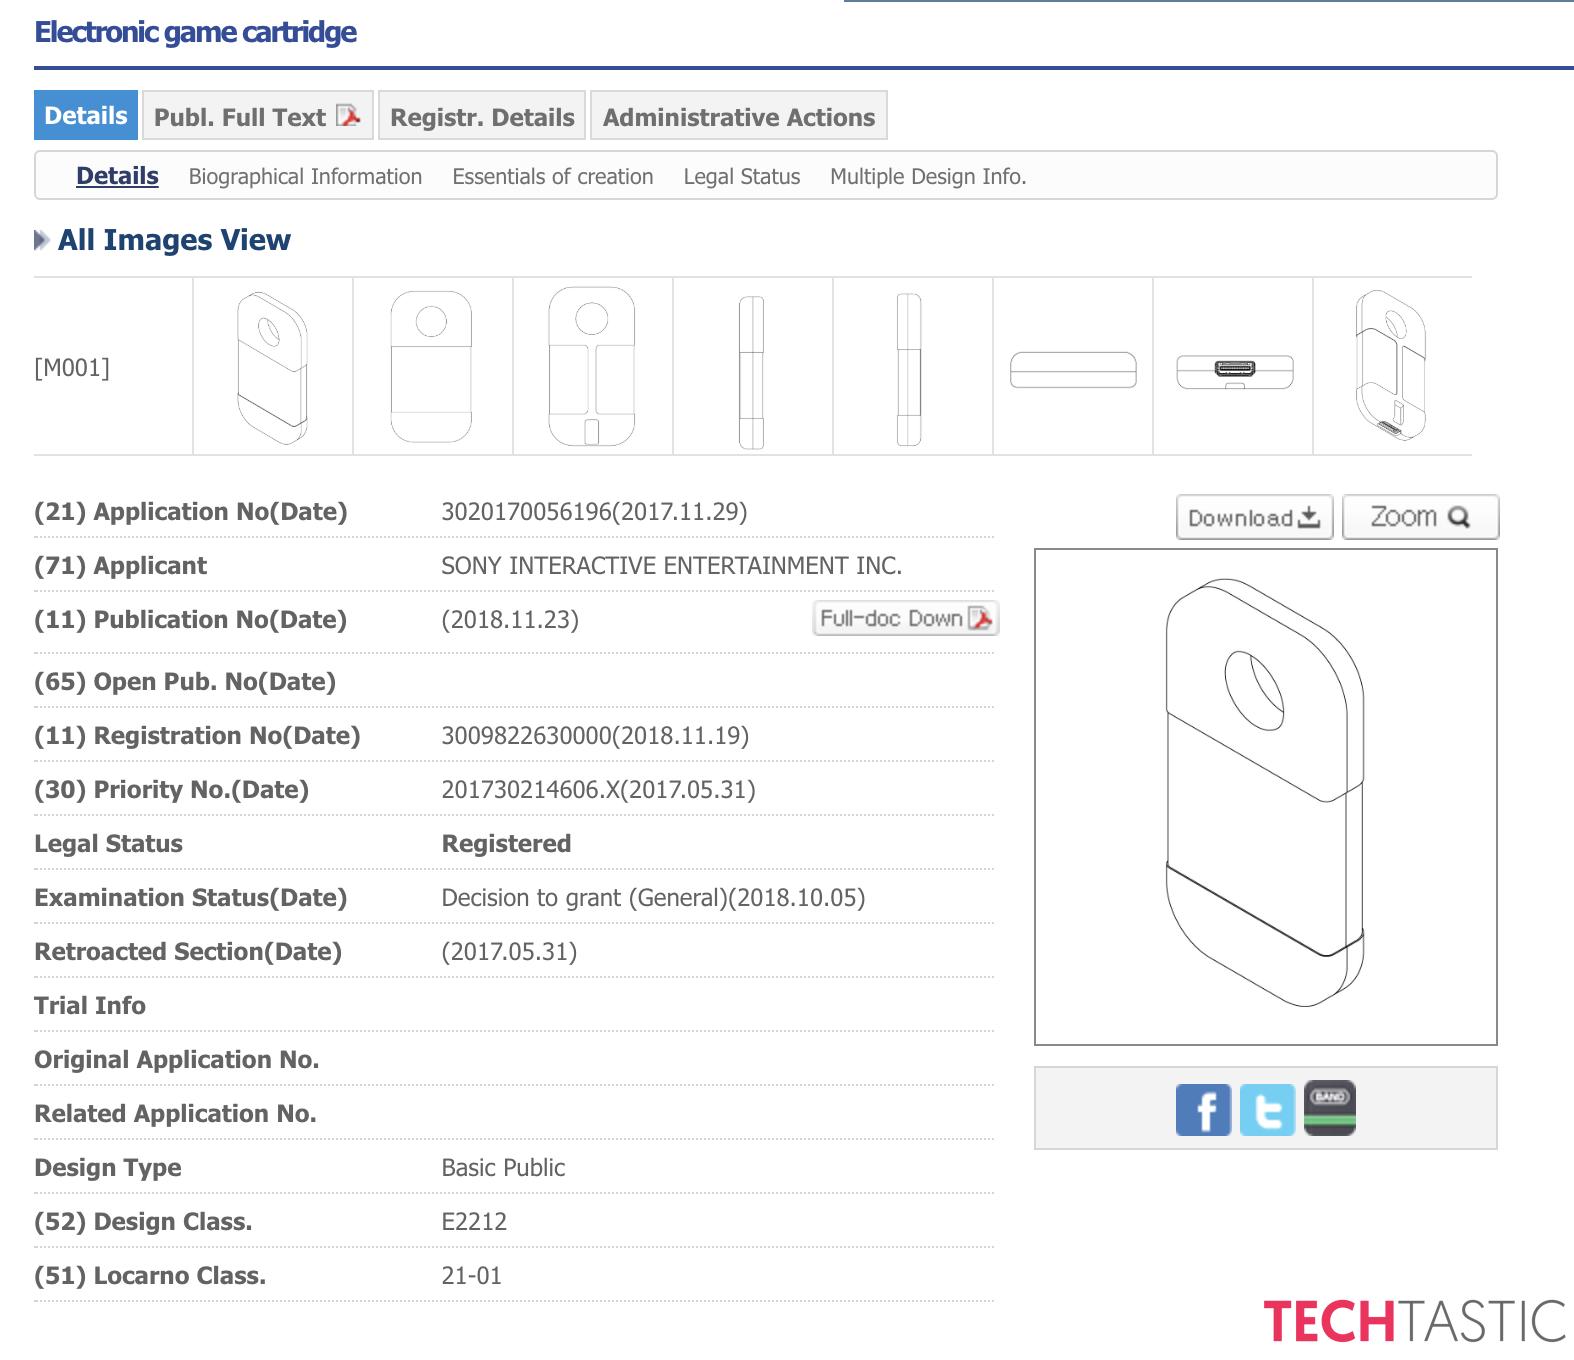 ソニーさん、新型ゲームカートリッジの特許申請を韓国で提出wwwww